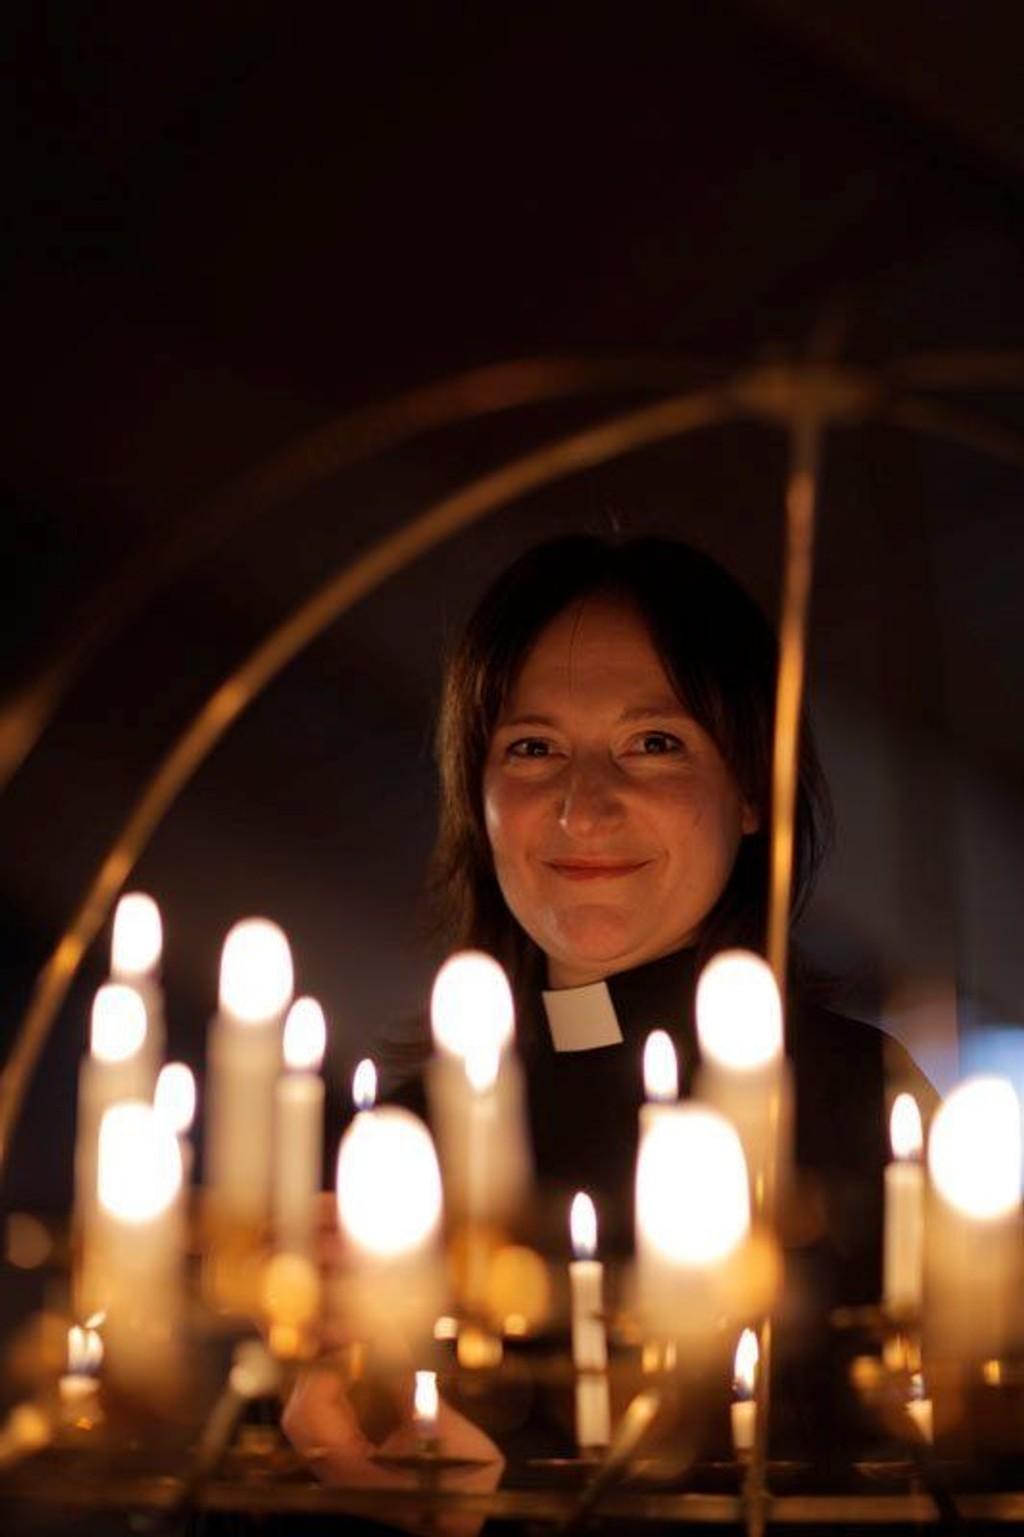 LYS I MØRKET: Fungerende sogneprest Anne Berit Evang inviterer til ungdomsgudstjeneste i Romsås kirke i kveld, fredag.